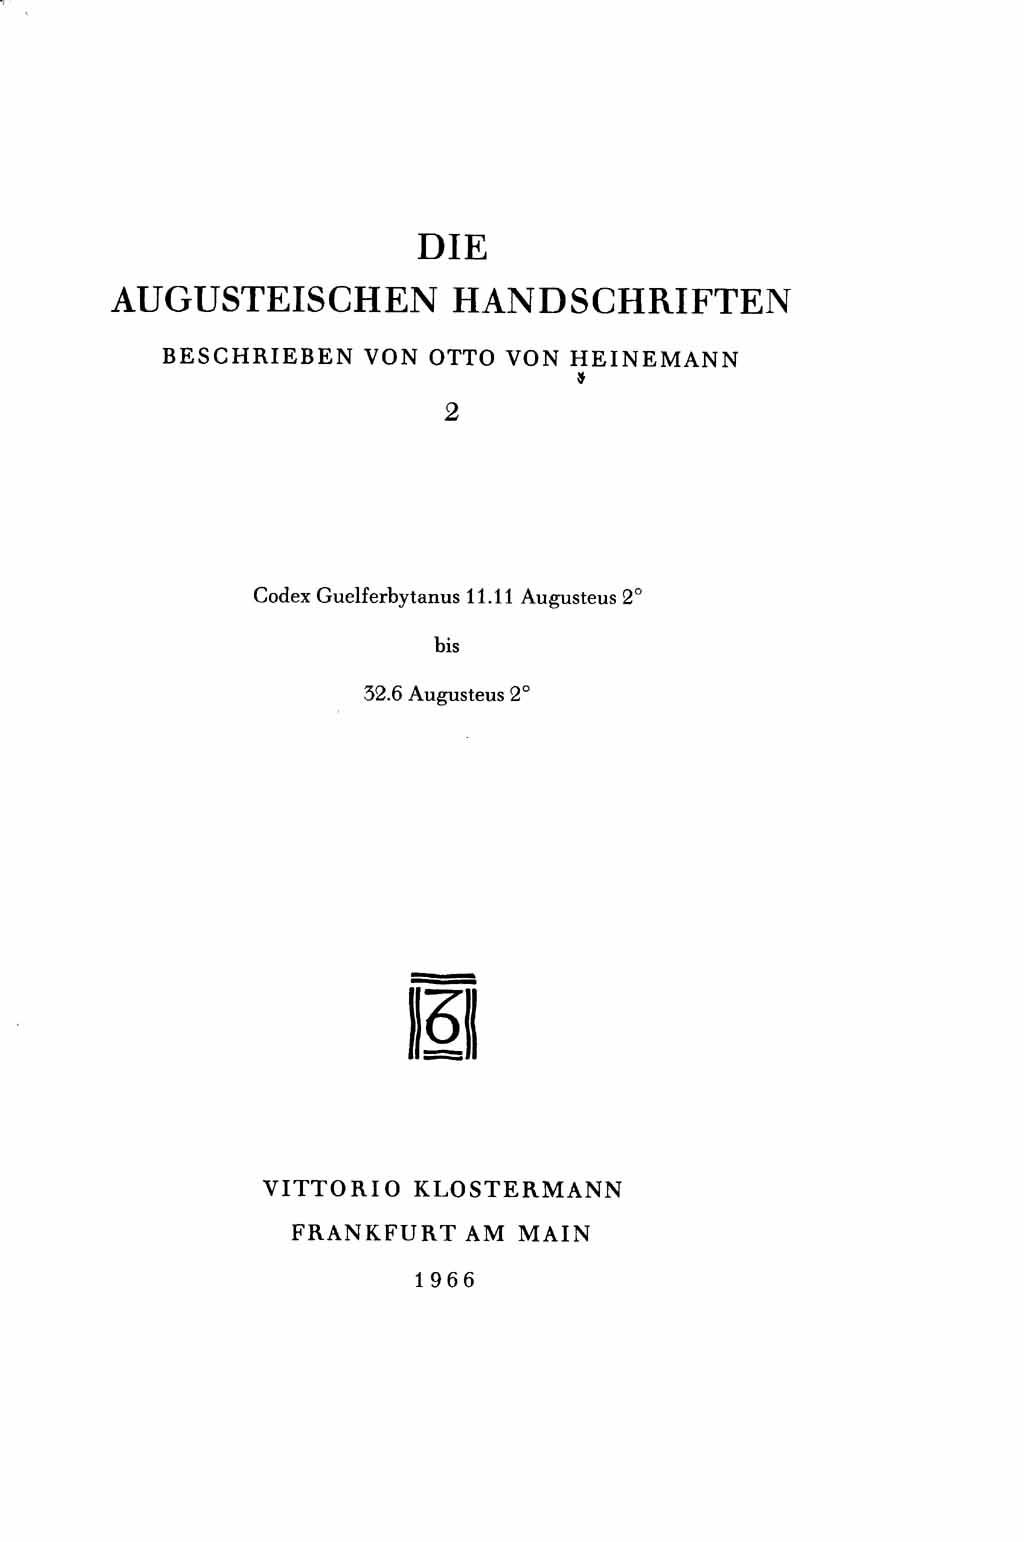 https://diglib.hab.de/drucke/f4f-539-5/00003.jpg